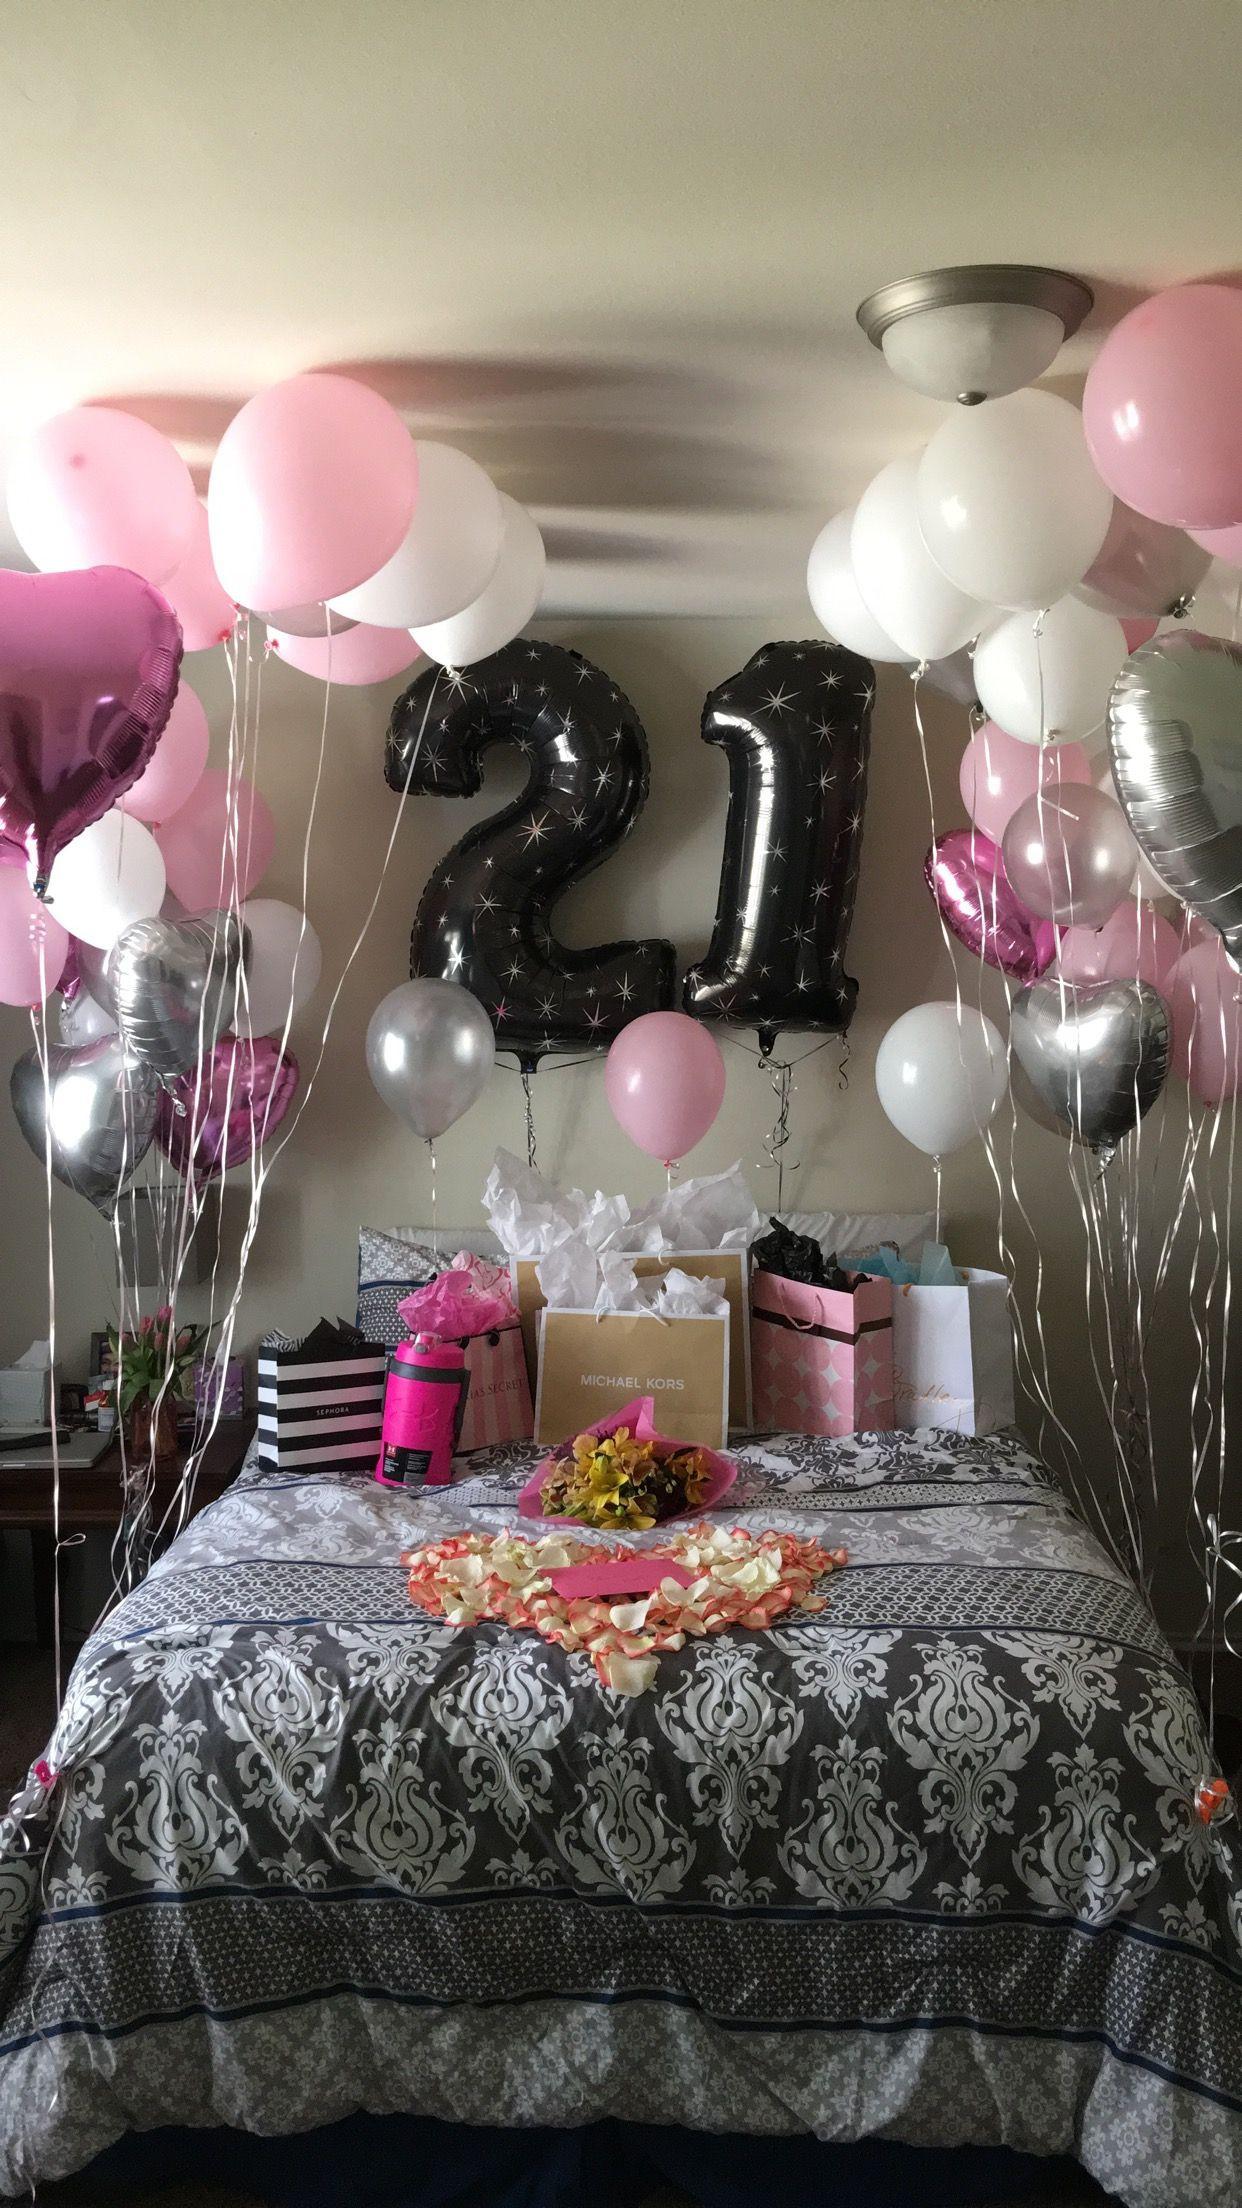 Girlfriend Birthday Gift Ideas Reddit  21st Birthday surprise Girlfriends Birthday